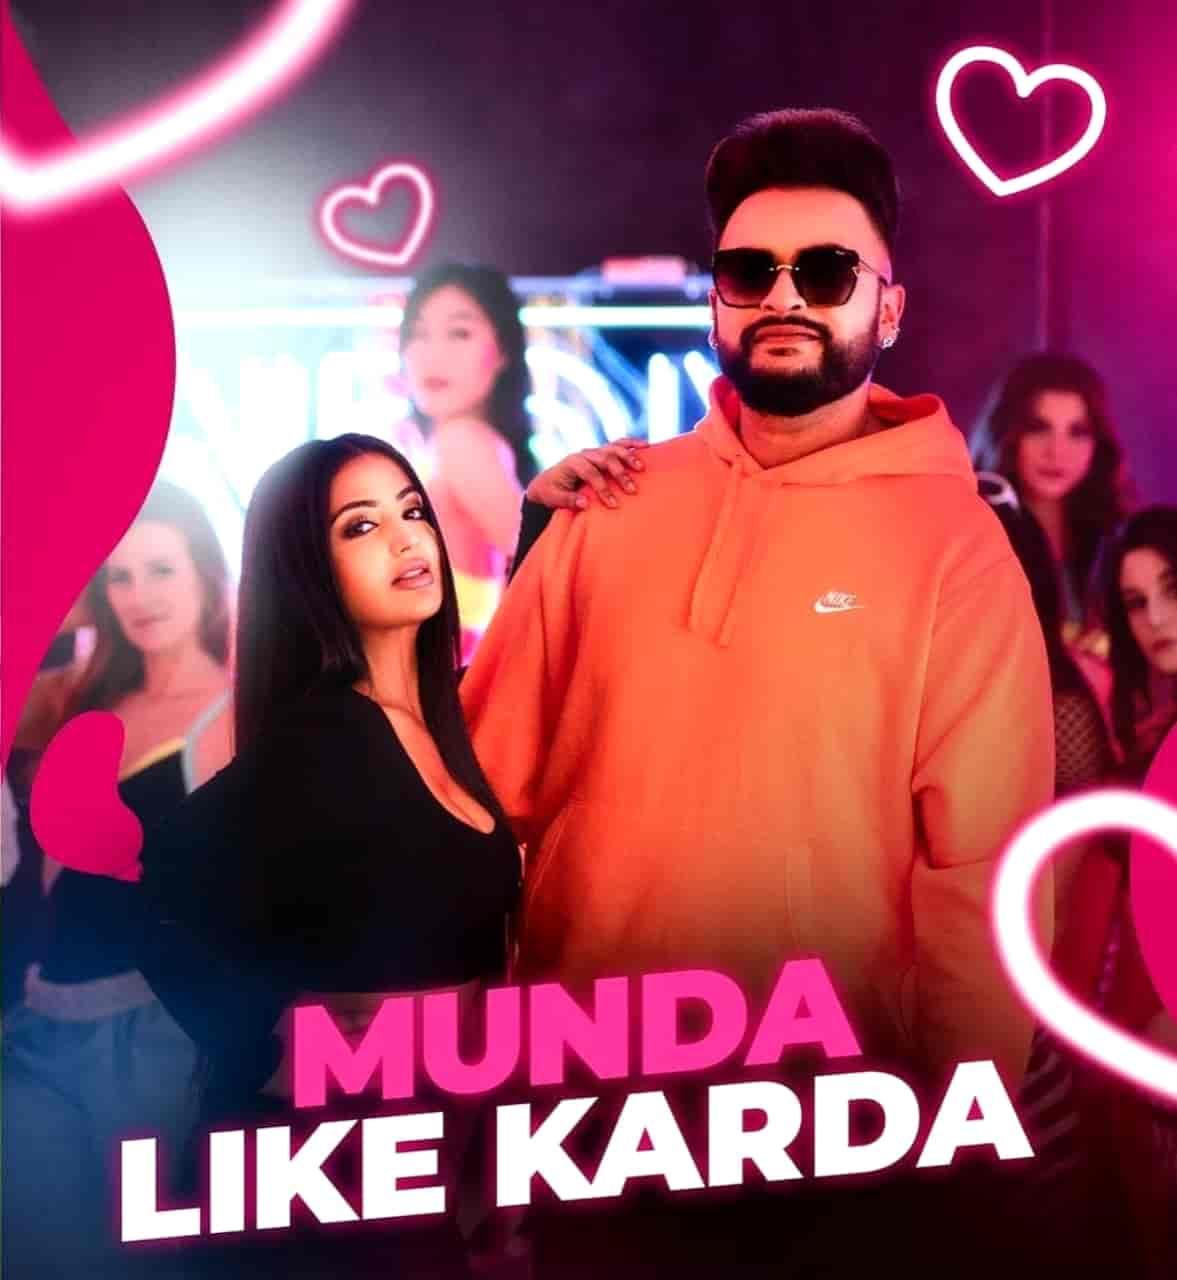 Munda Like Karda Punjabi Song Lyrics